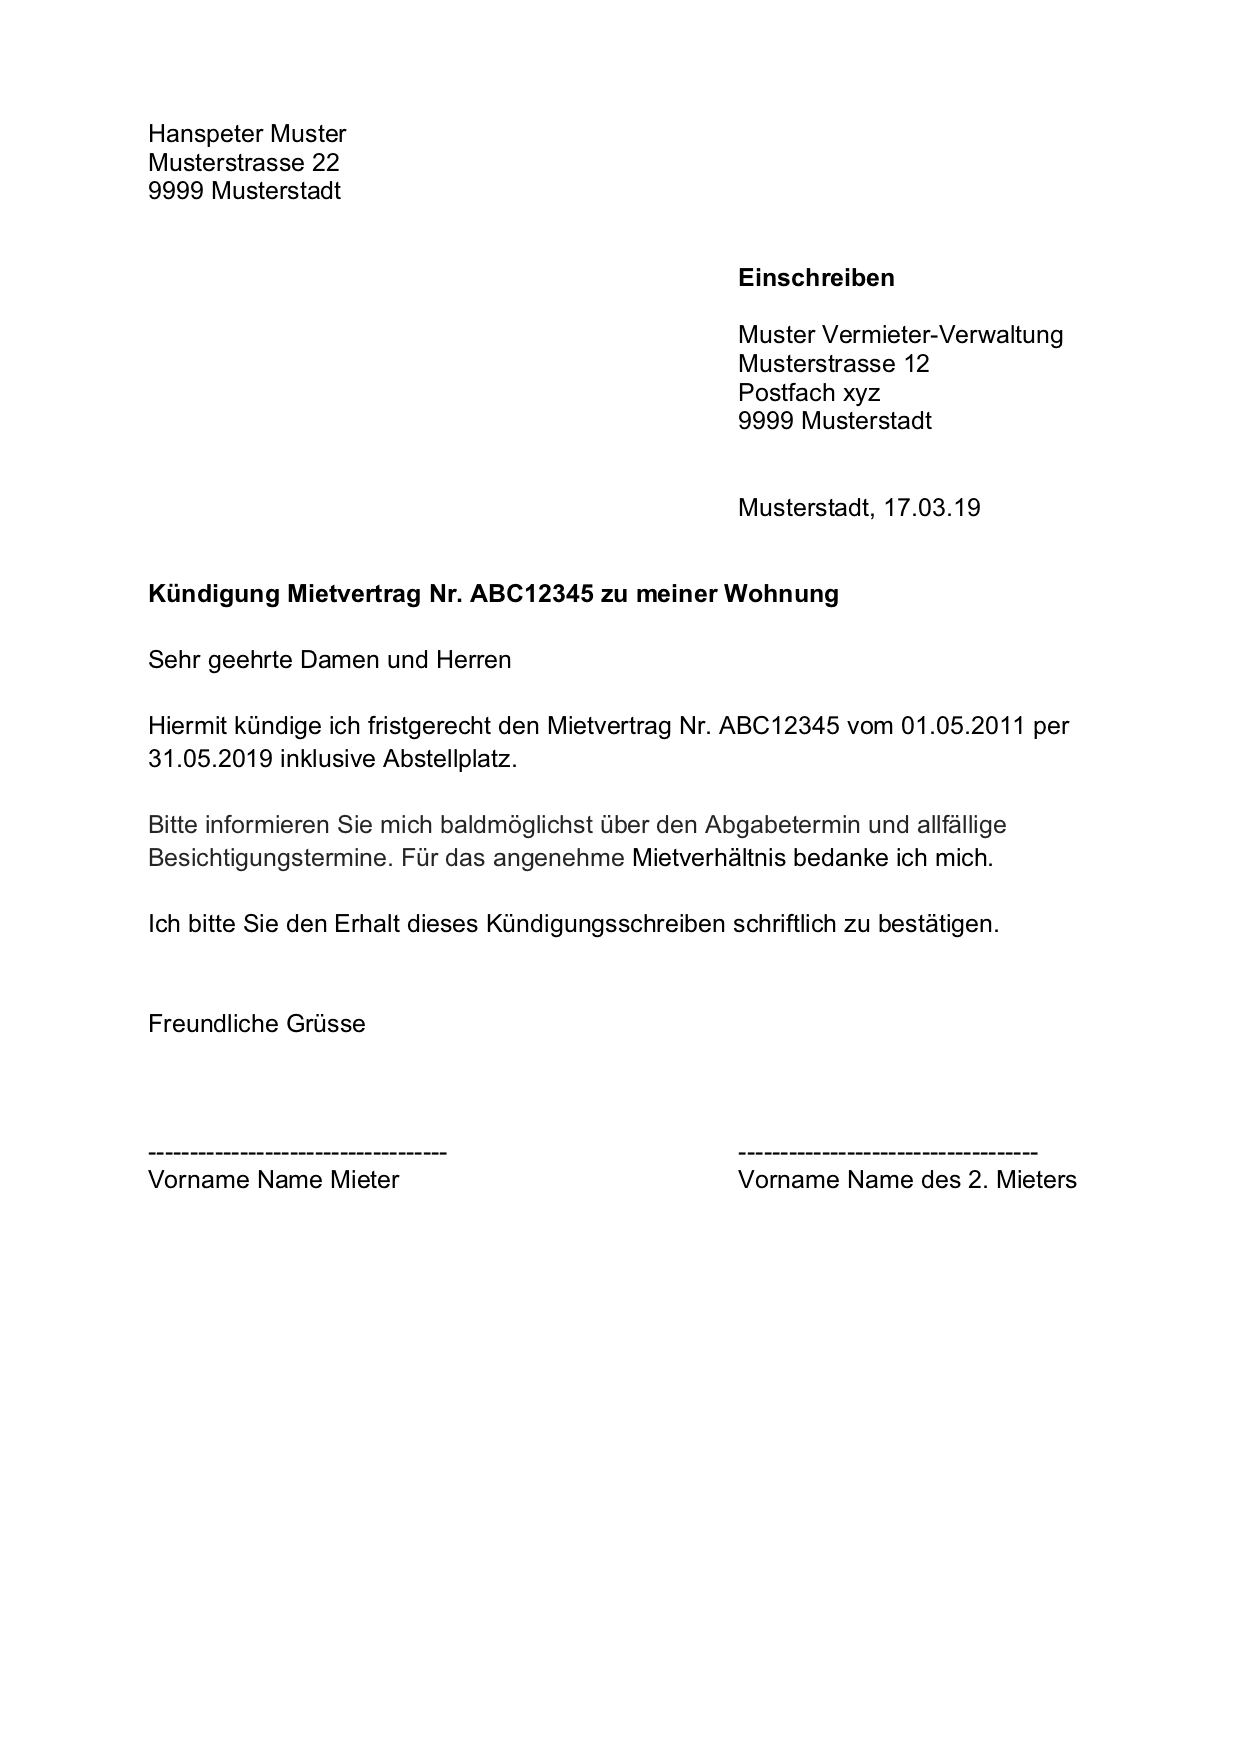 Wohnungskundigung Vorlage Kundigung Wohnung Mietvertrag Schweiz Gratis Download Mietverha Kundigung Schreiben Vorlage Kundigung Wohnung Wohnungskundigung